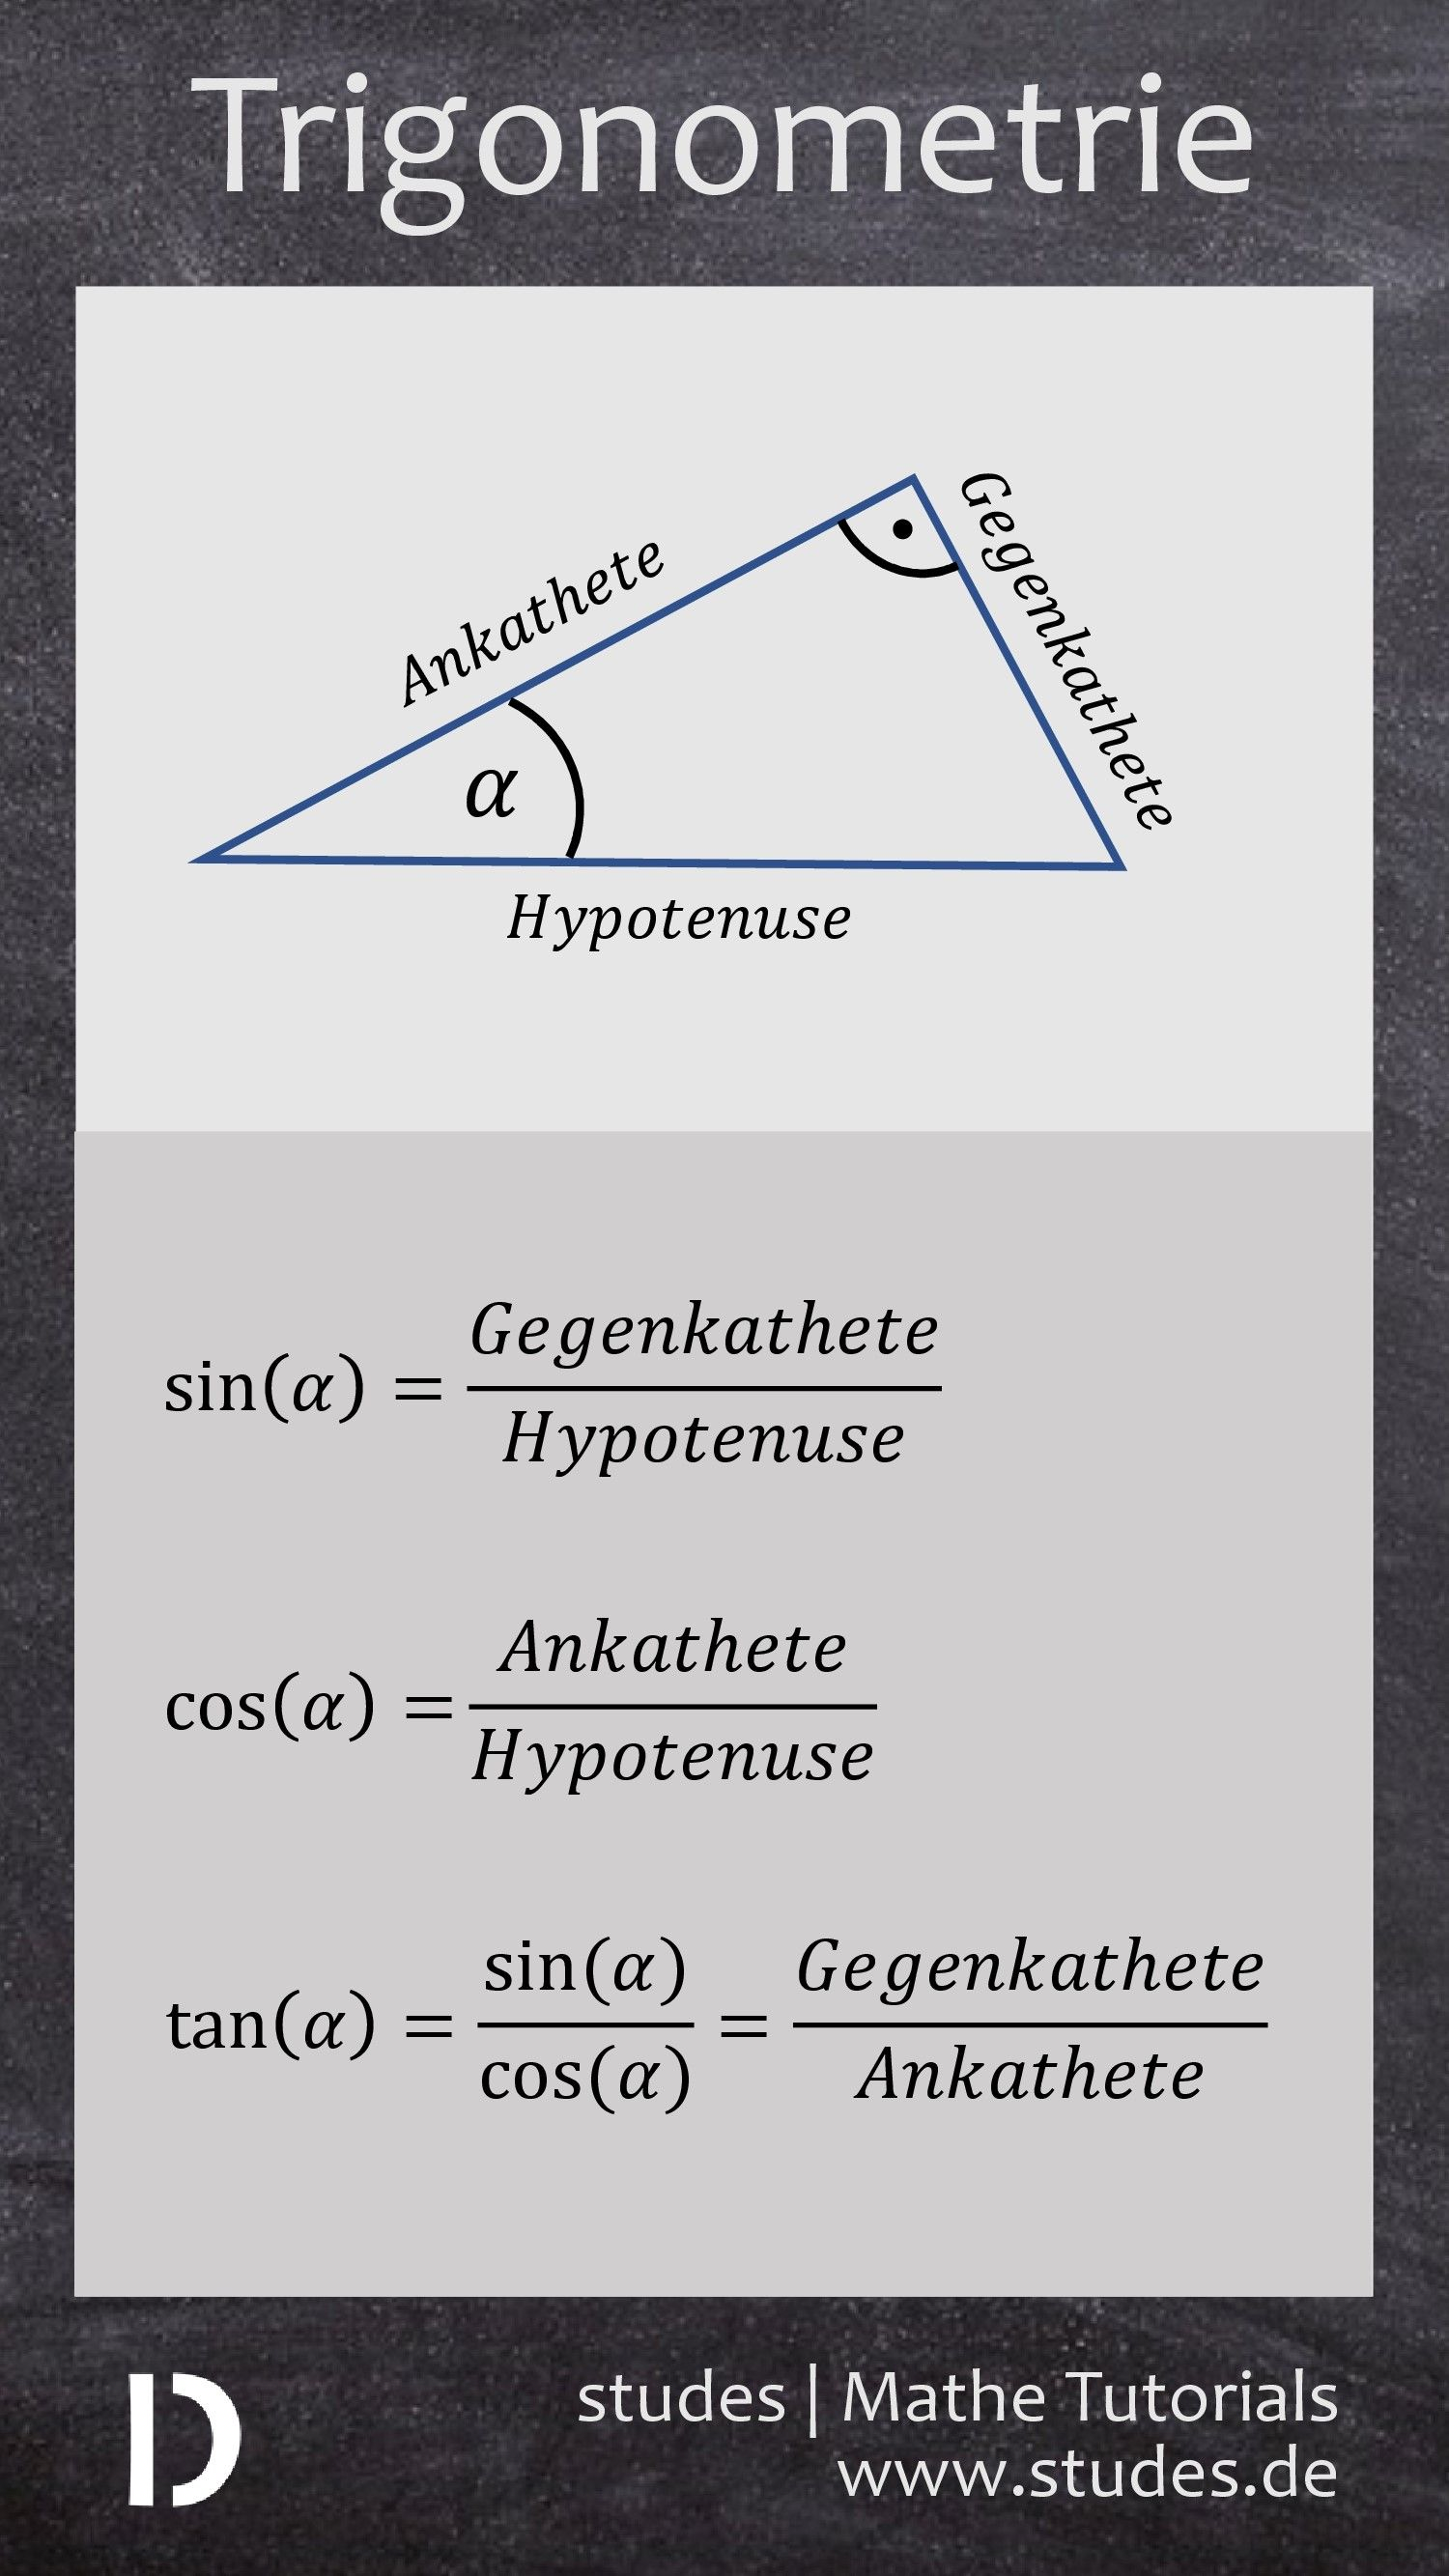 Formelsammlung trigonometrie